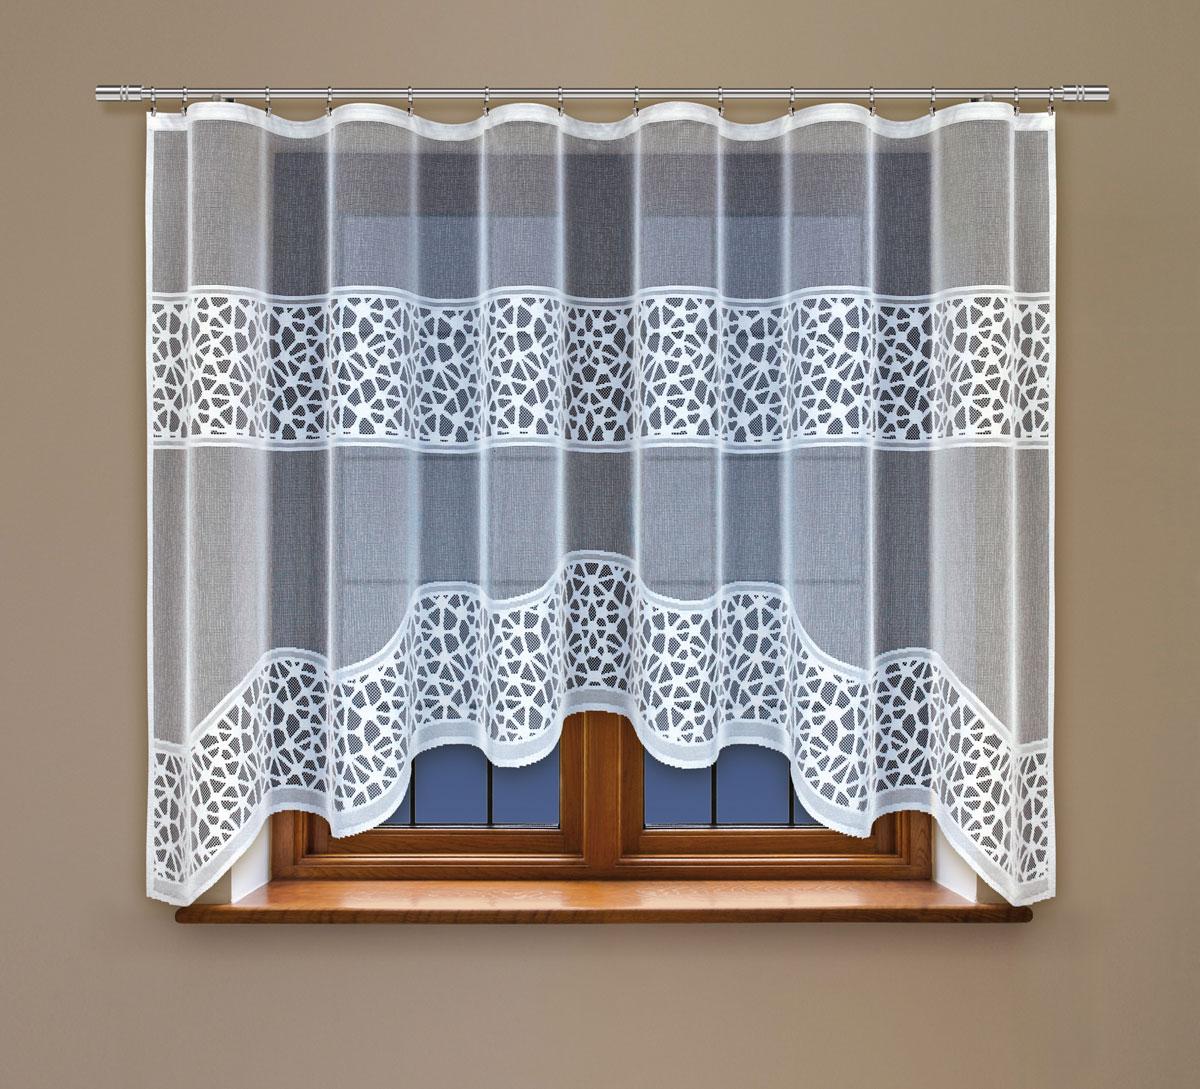 Гардина Haft, на ленте, цвет: белый, высота 160 см. 222360K100Гардина Haft, изготовленная из полиэстера, станет великолепным украшением любого окна. Тонкое плетение и оригинальный дизайн привлекут к себе внимание. Изделие органично впишется в интерьер. Гардина крепится на карниз при помощи ленты, которая поможет красиво и равномерно задрапировать верх.